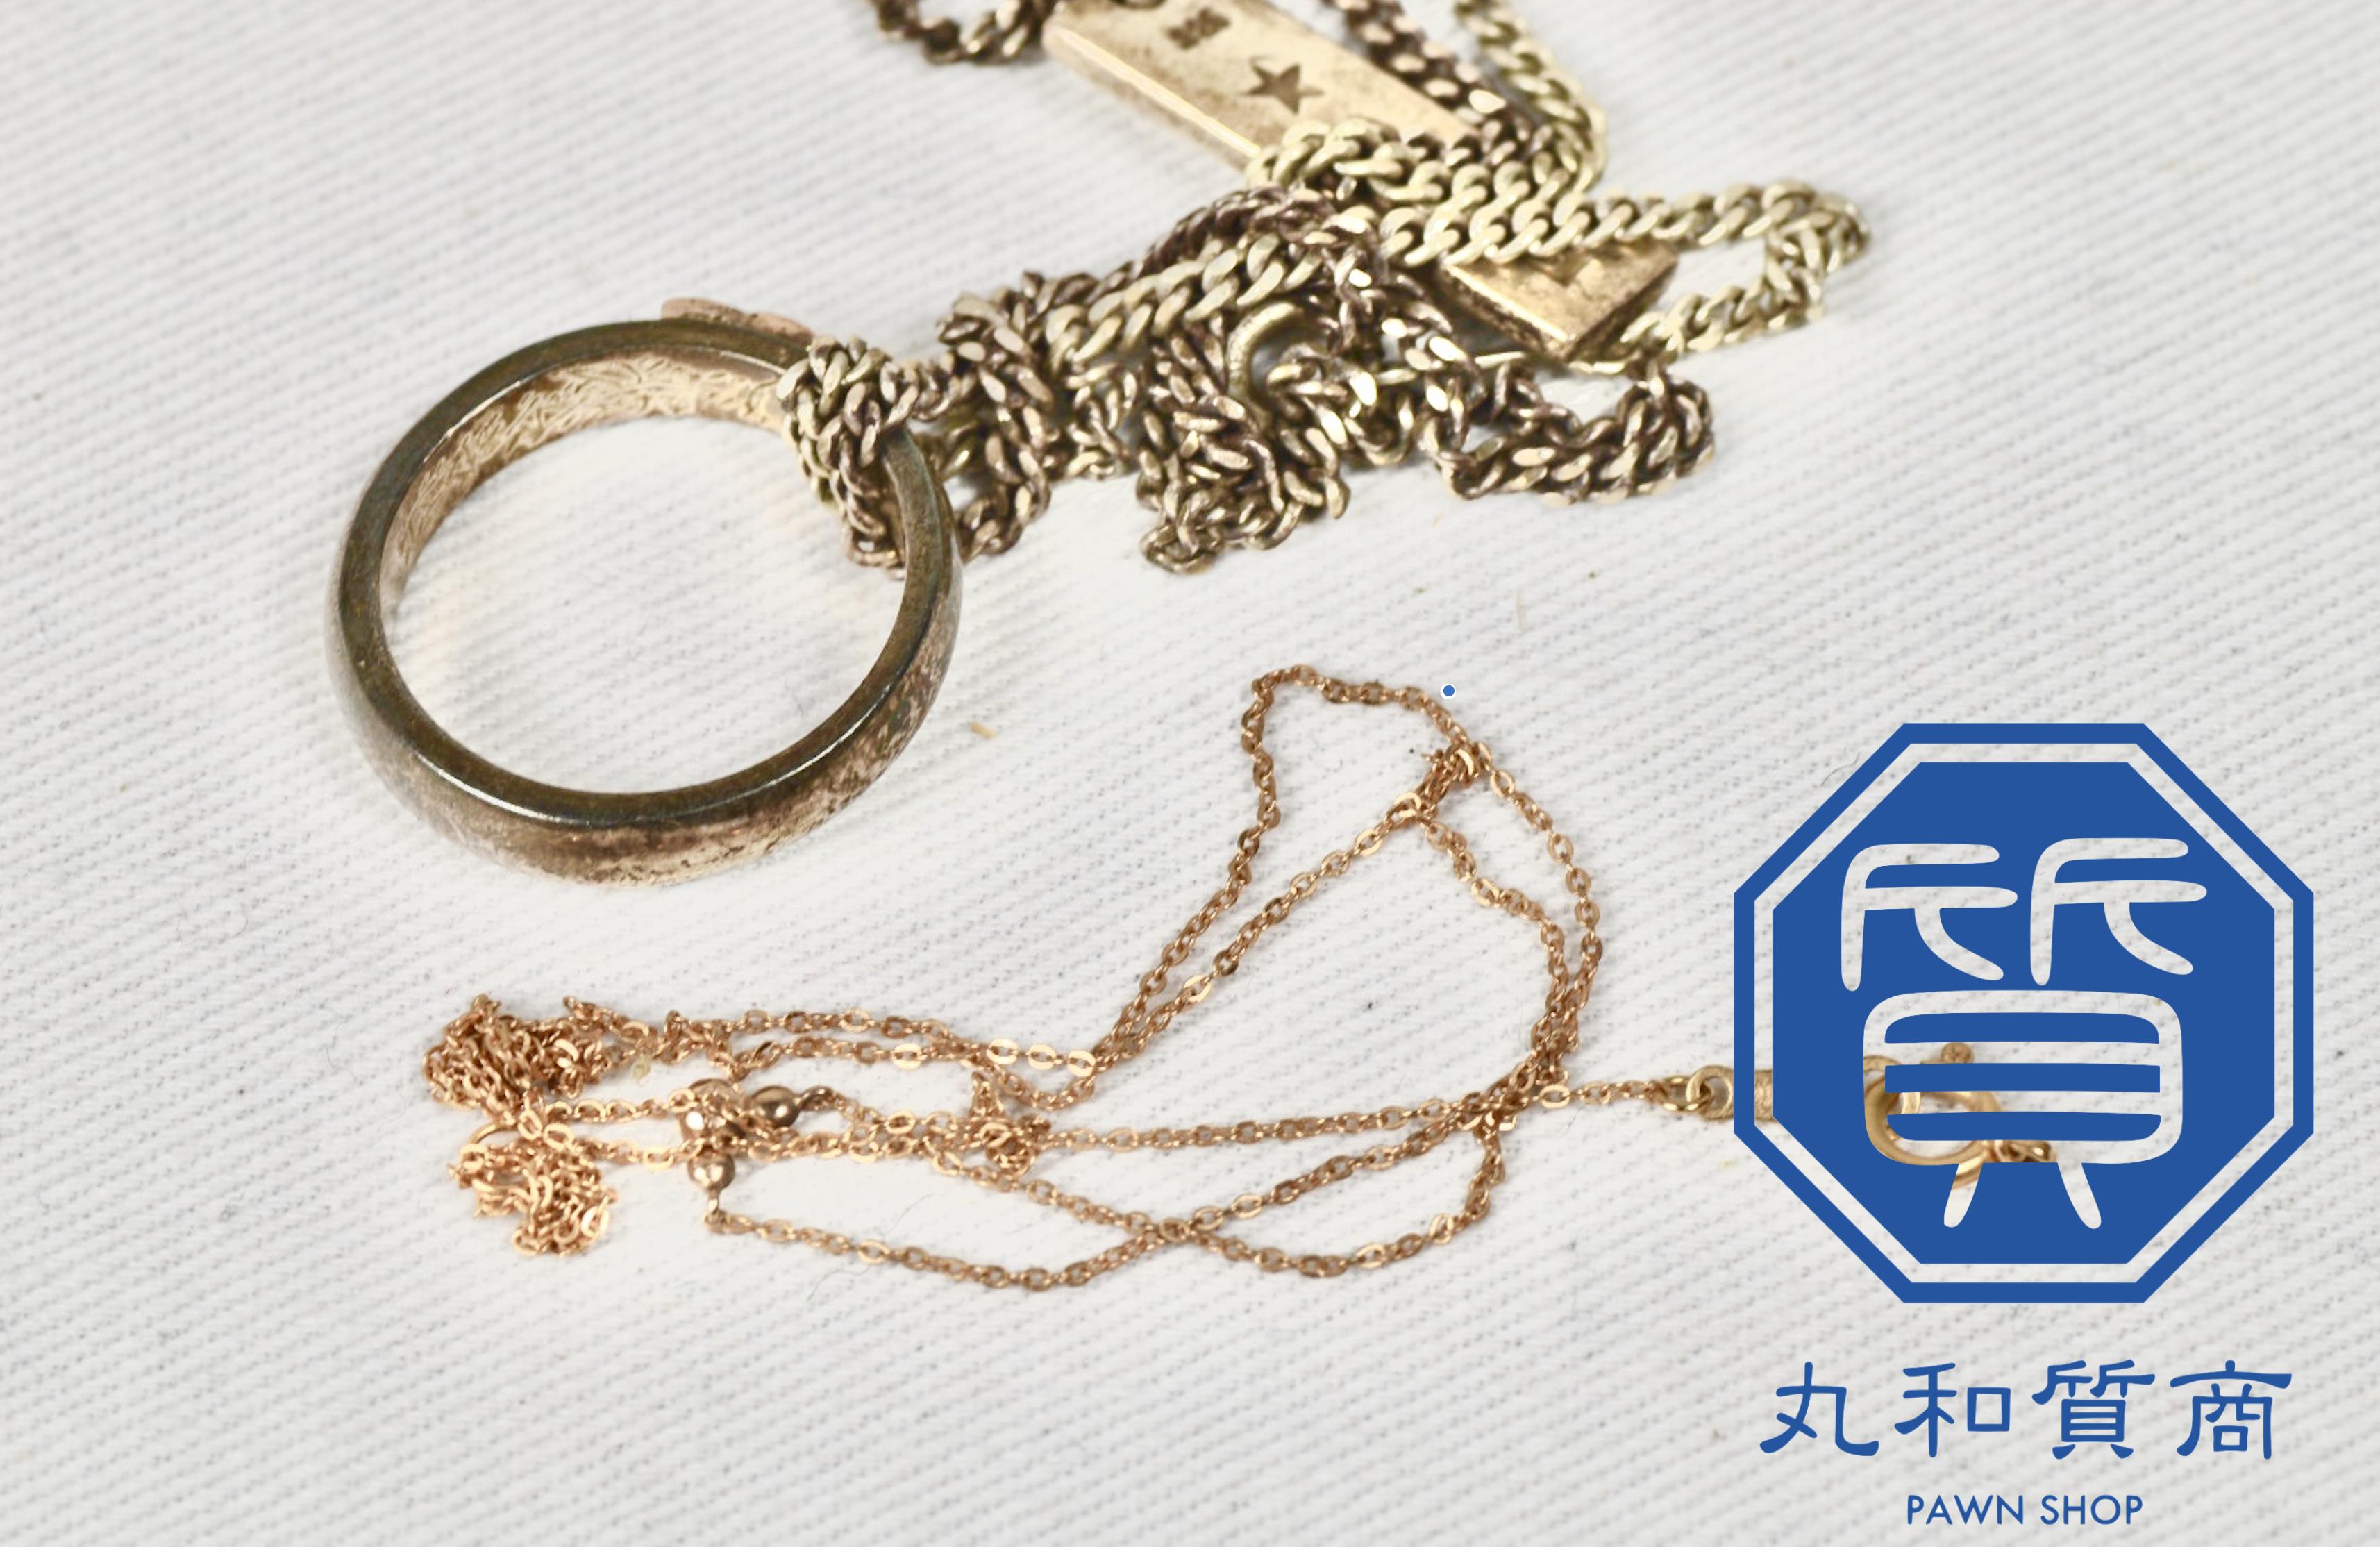 K14 Pt850のネックレス、指輪を所沢市にお住まいのお客様からお買取させて頂きました!